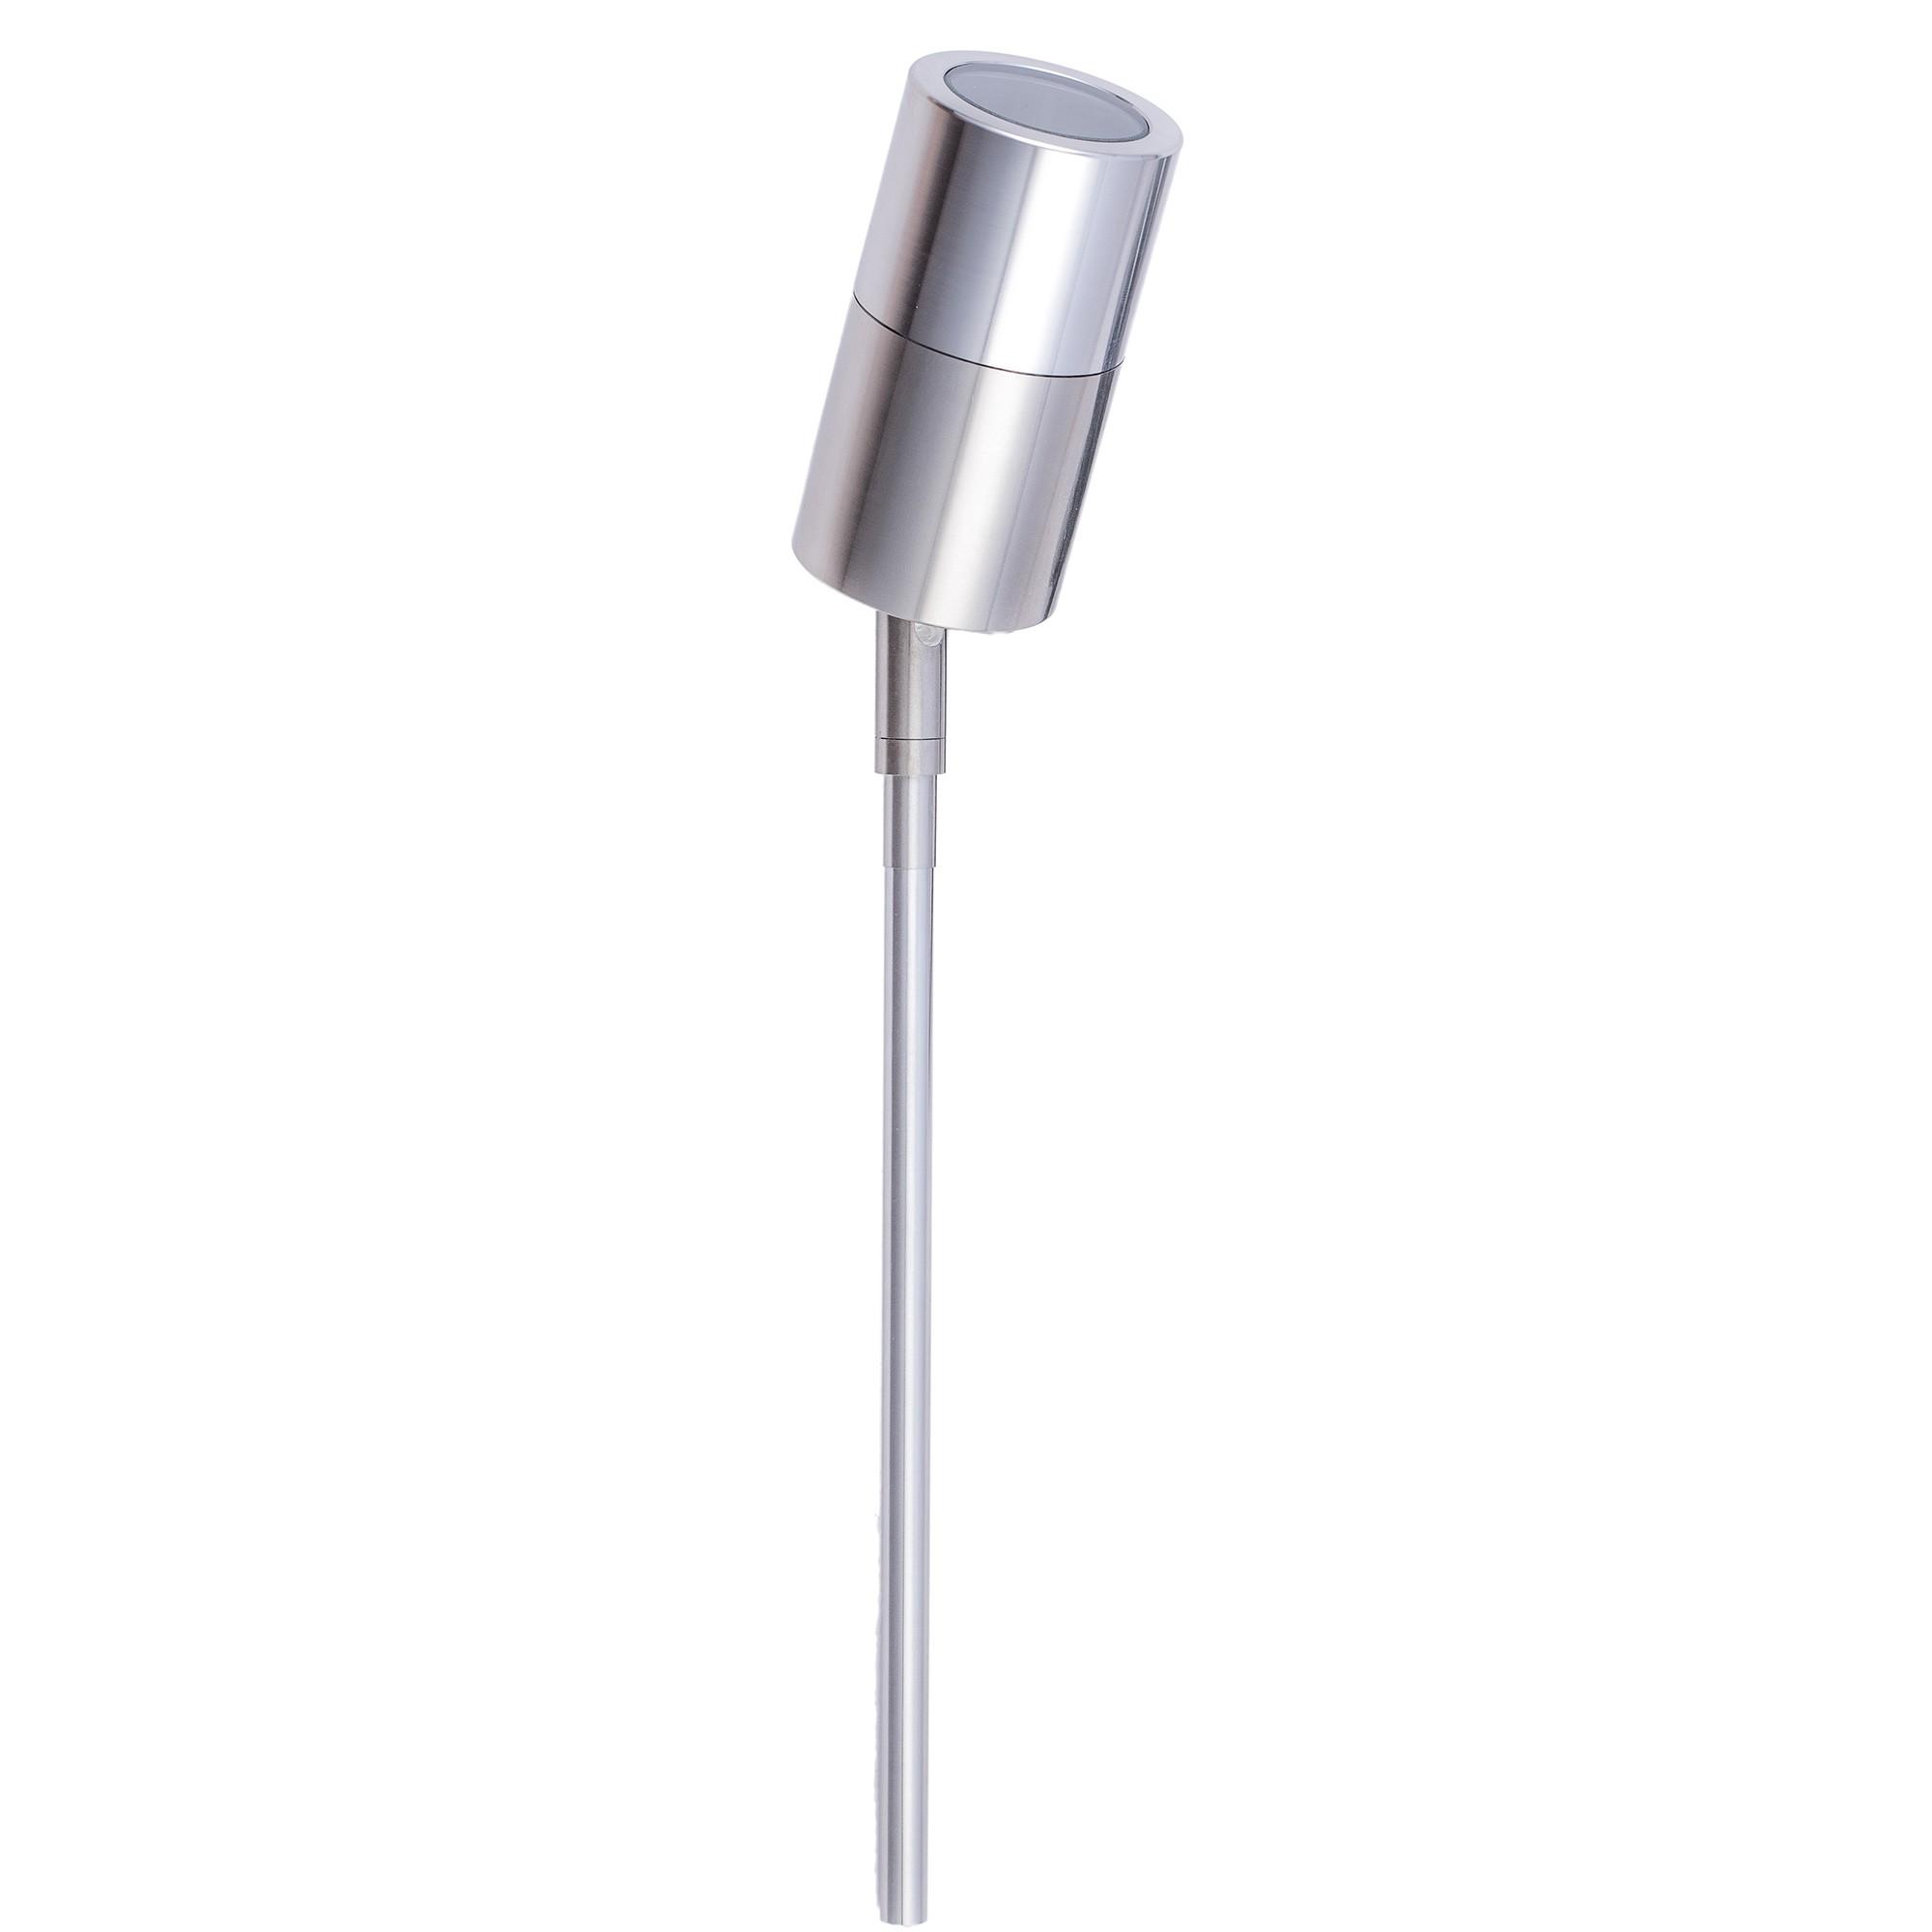 Roslin IP65 Exterior Single Adjustable Spike Garden Light, Long Light, Stainless Steel